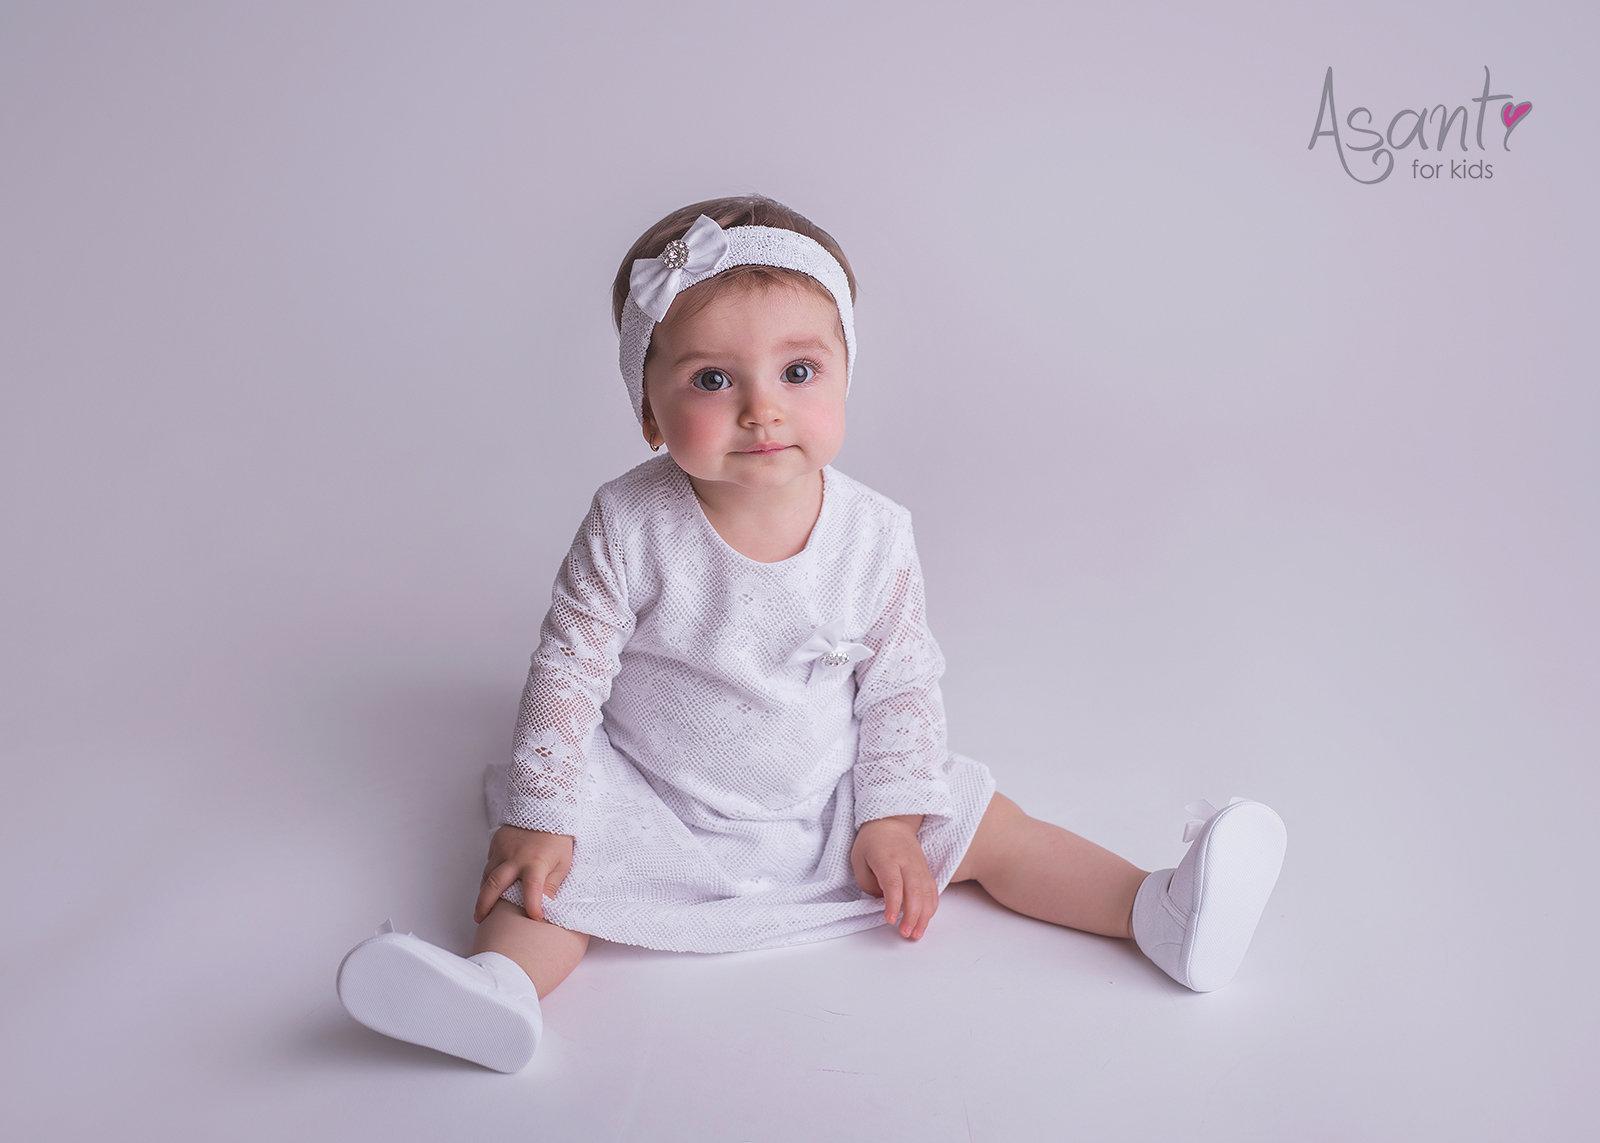 Baby Mädchen Taufkleid Set Bolero Kleid Hochzeit Asanti Neu Weiß